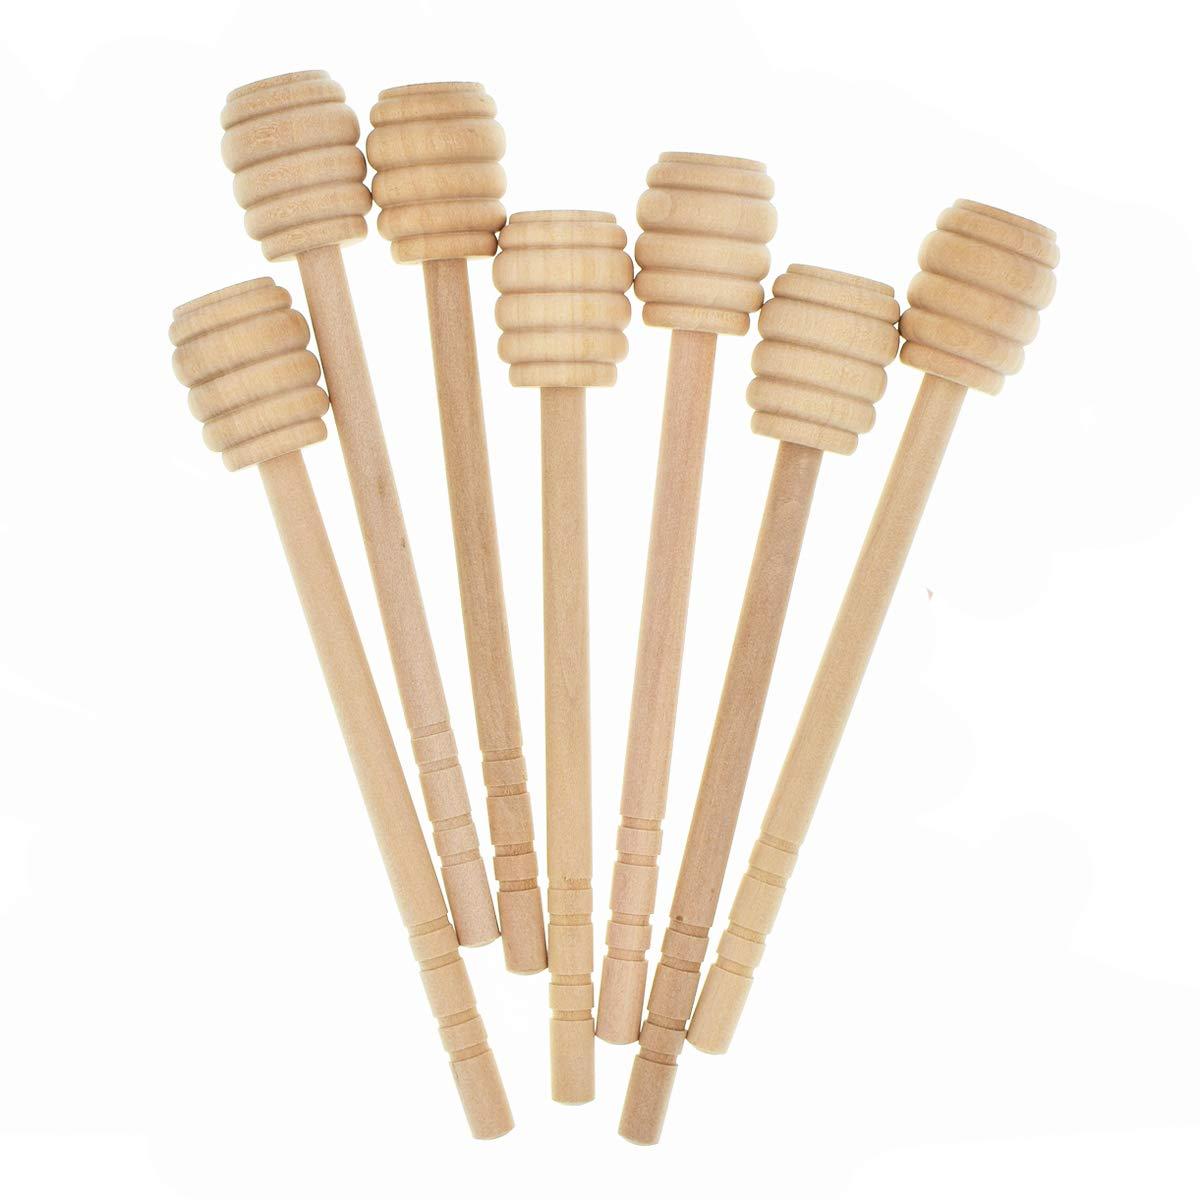 50 Pack 6 inch Portable Wooden Jam Honey Dipper Honey Sticks for Honey Jam Jar Dispense Teekia